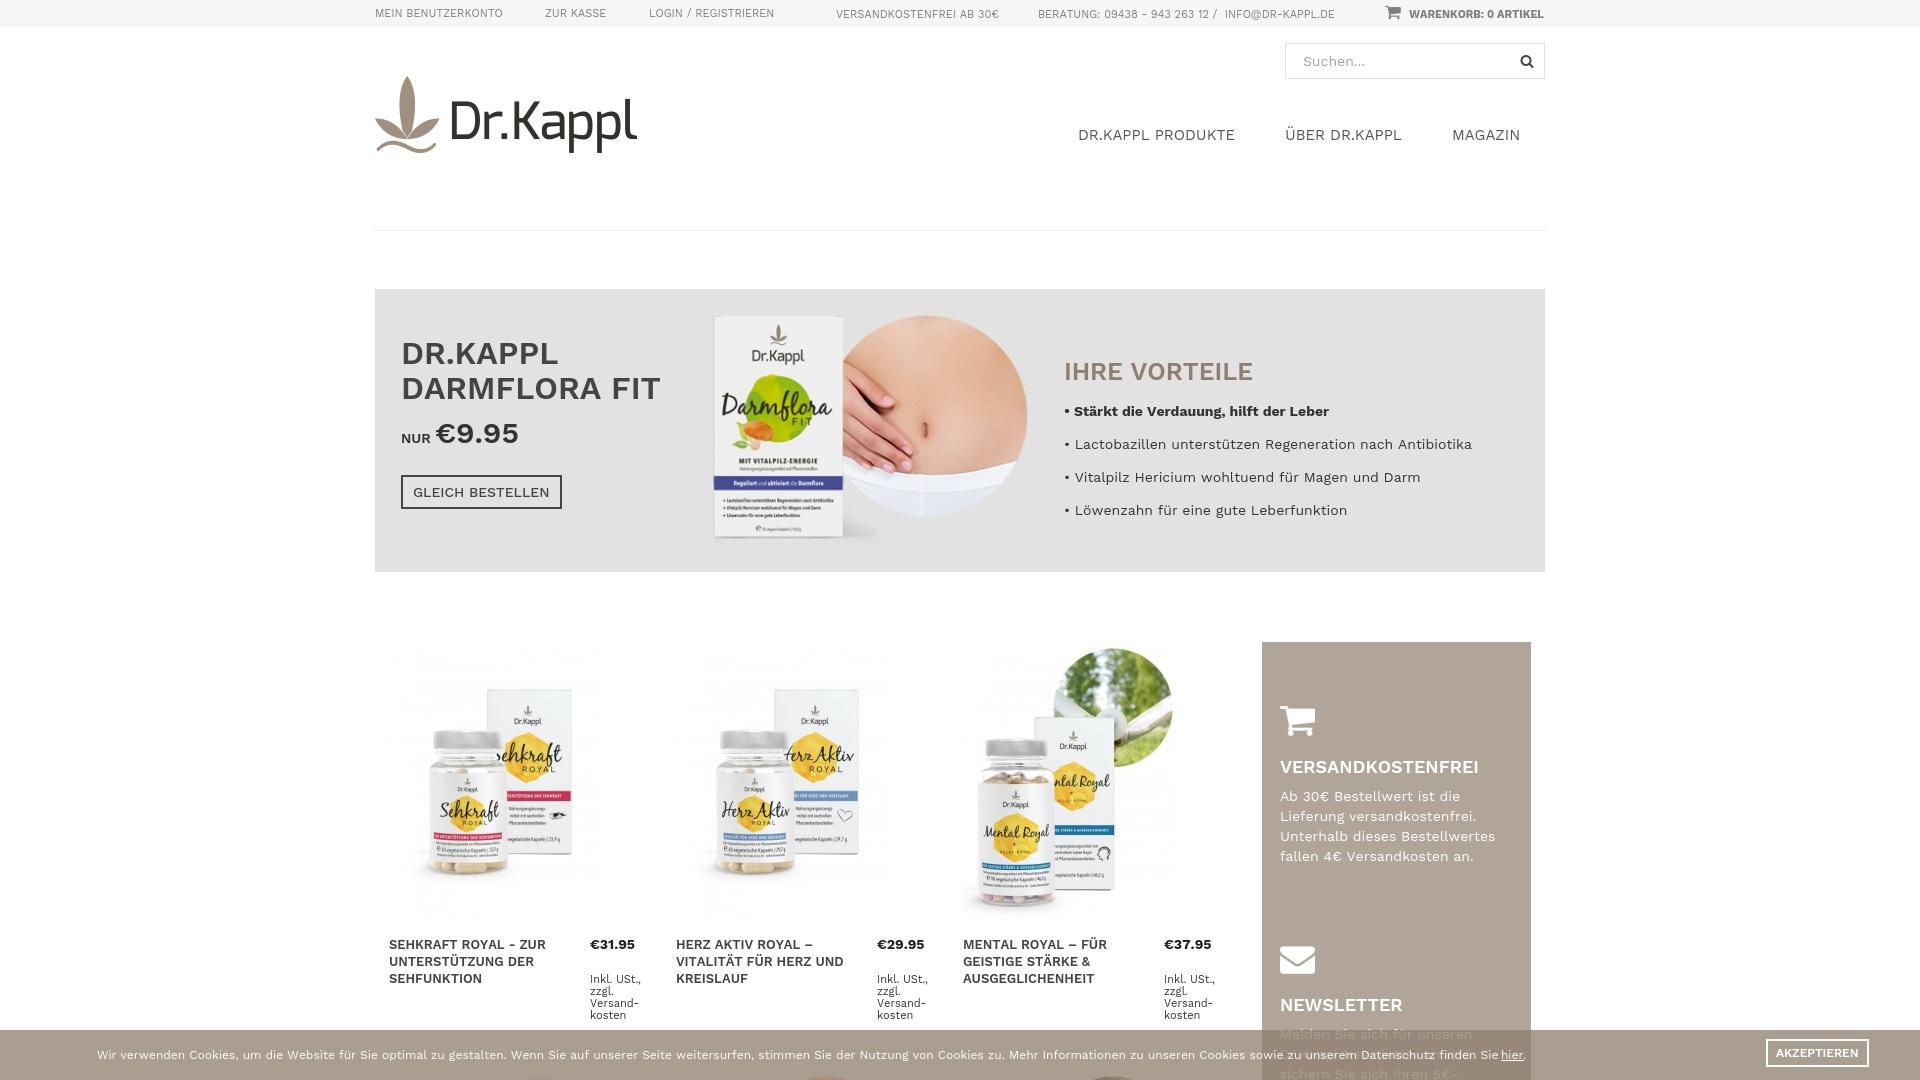 Gutschein für Dr-kappl: Rabatte für  Dr-kappl sichern